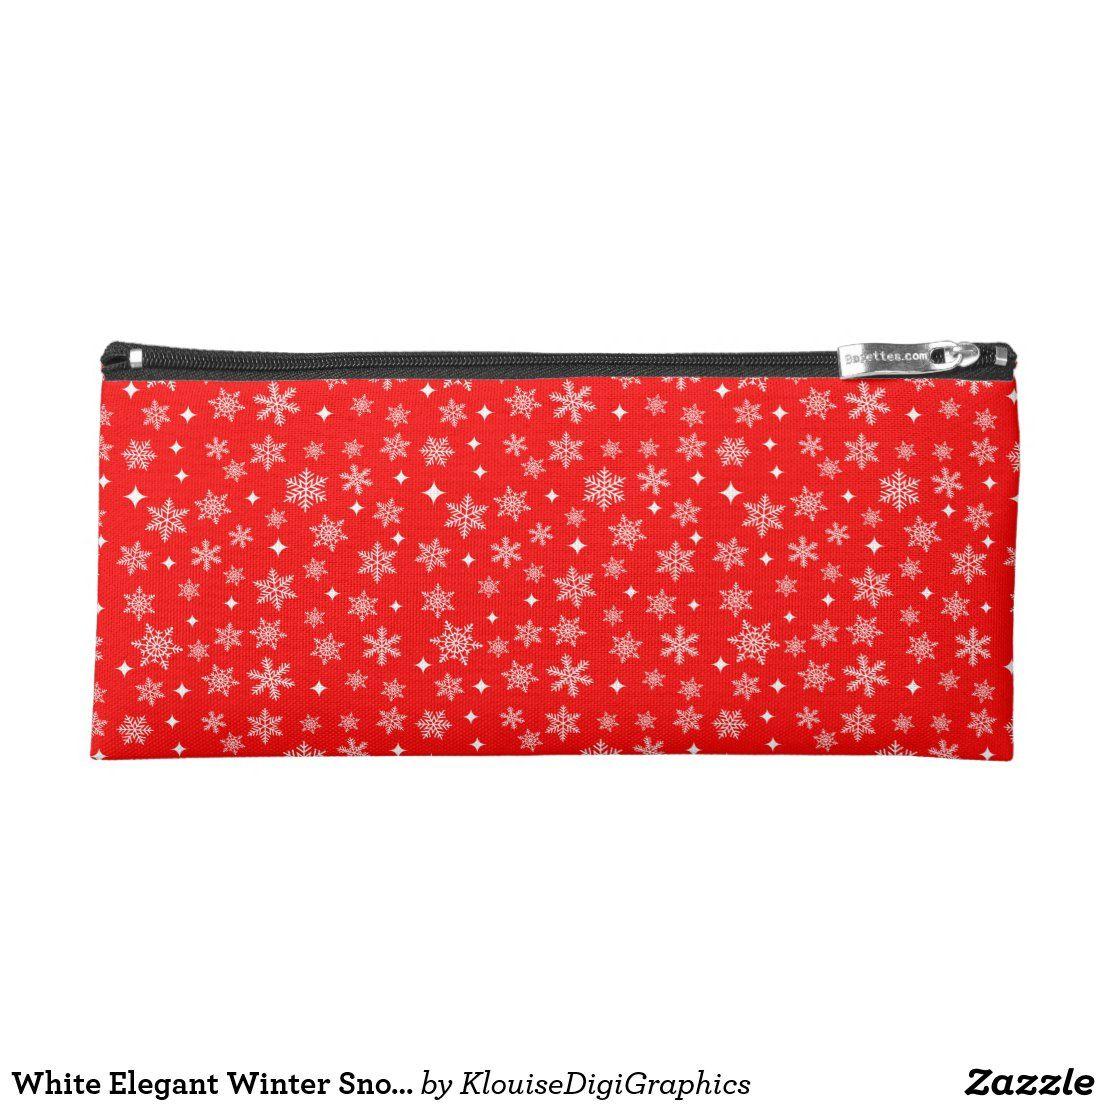 Photo of Blancos elegantes copos de nieve de invierno en estuche rojo brillante   Zazzle.com